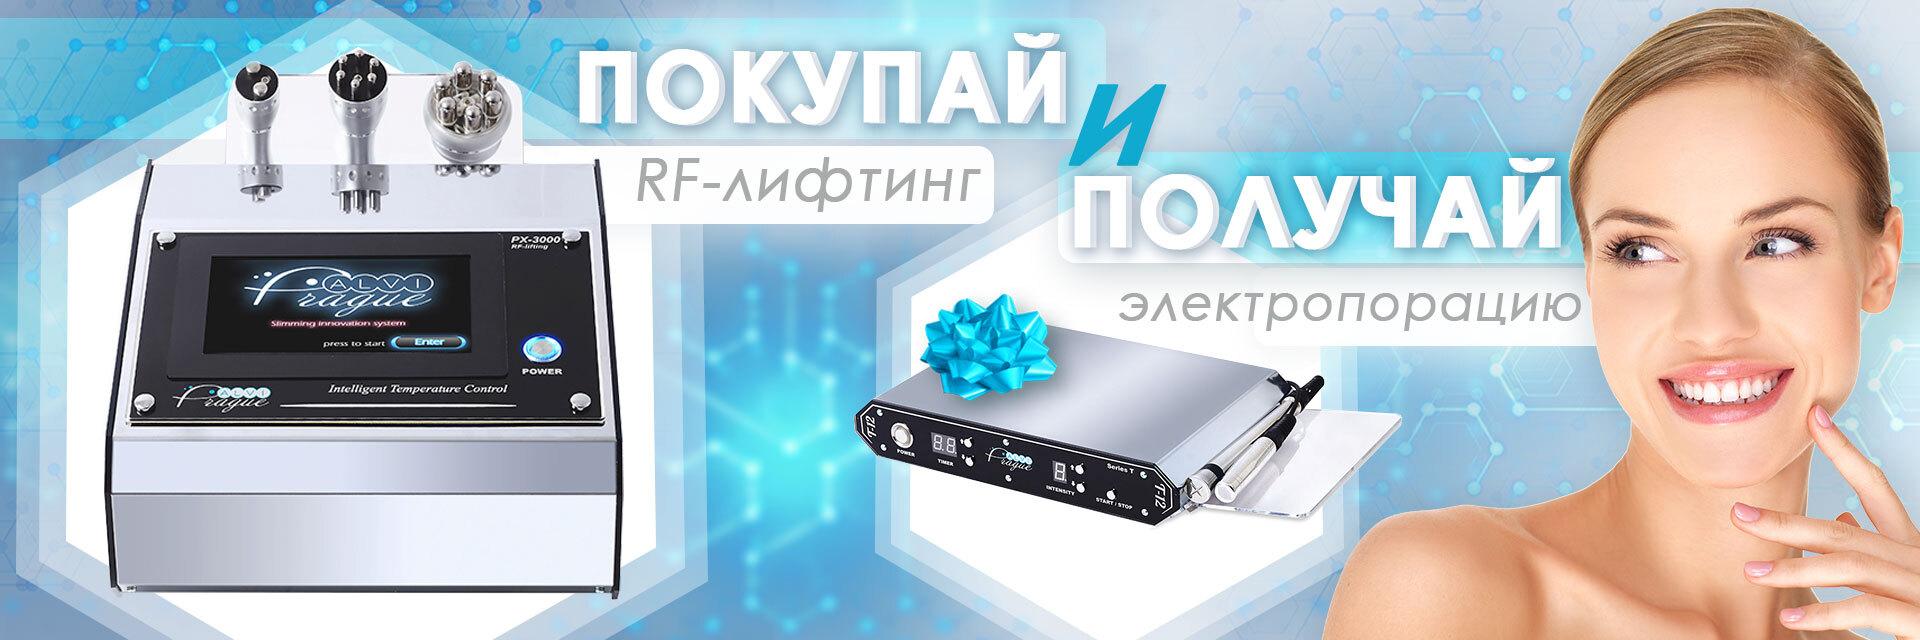 Покупай аппарат px-3000 получай в подарок электропорацию Т-12